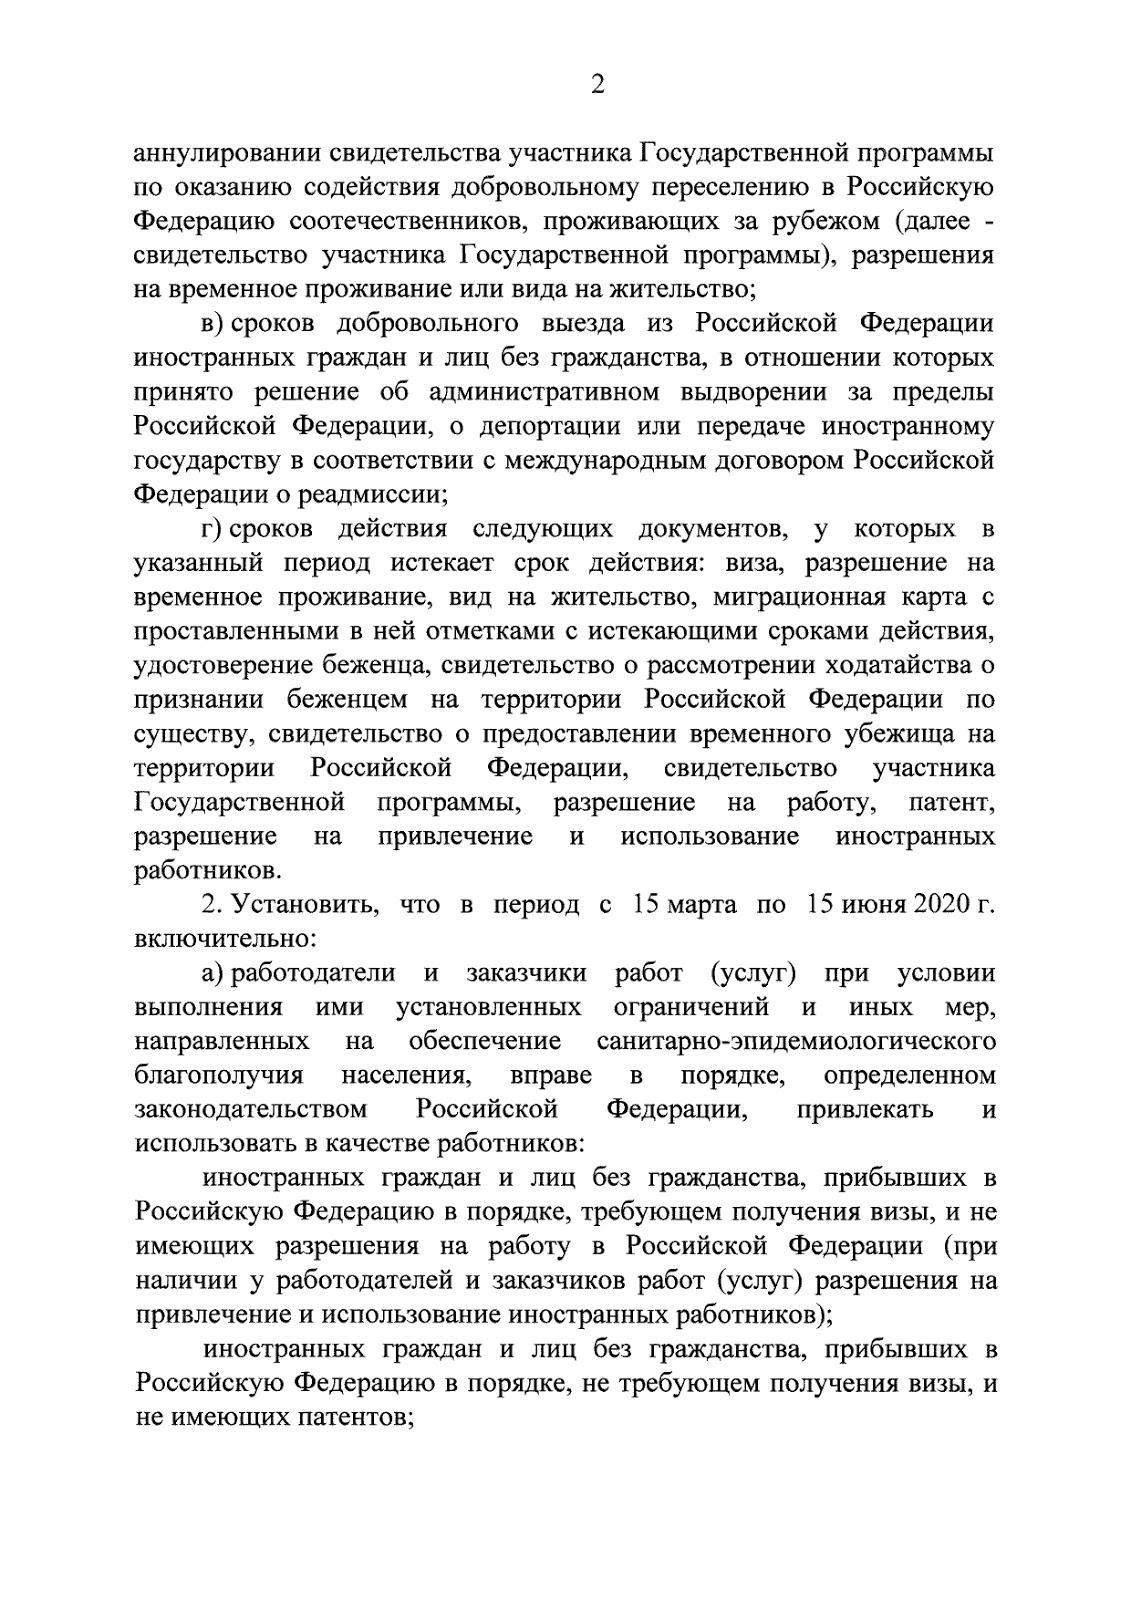 Указ Президента РФ № 274 от 18.04.2020 - 2